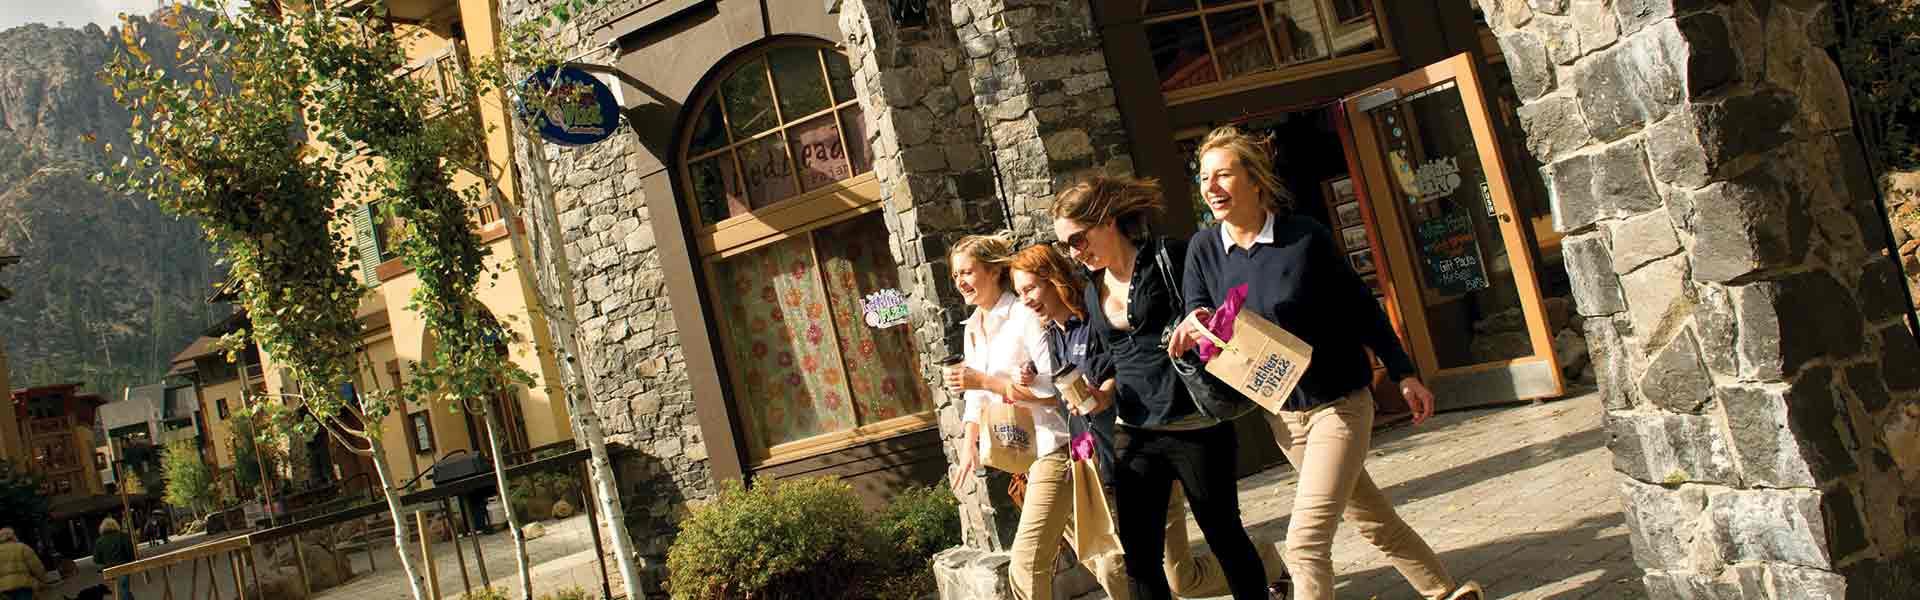 LakeTahoePreparatorySchool-Private-CA-Students-Banner-2020